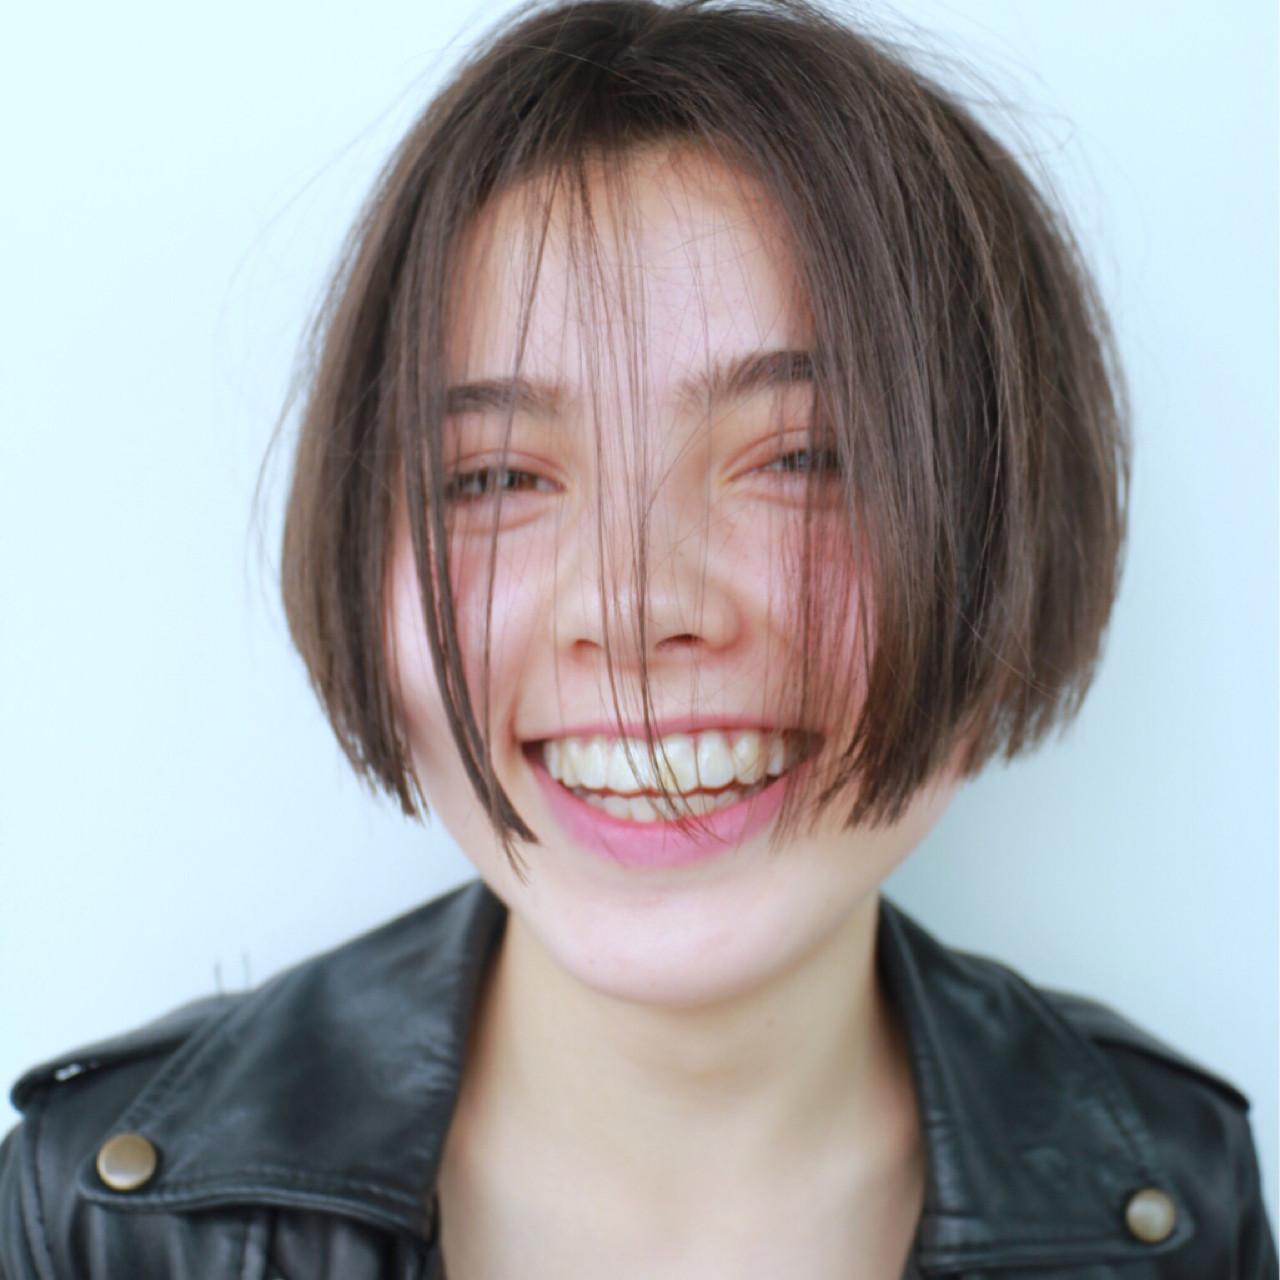 ナチュラル ブラウン おかっぱ アッシュ ヘアスタイルや髪型の写真・画像 | 高橋 忍 / nanuk渋谷店(ナヌーク)